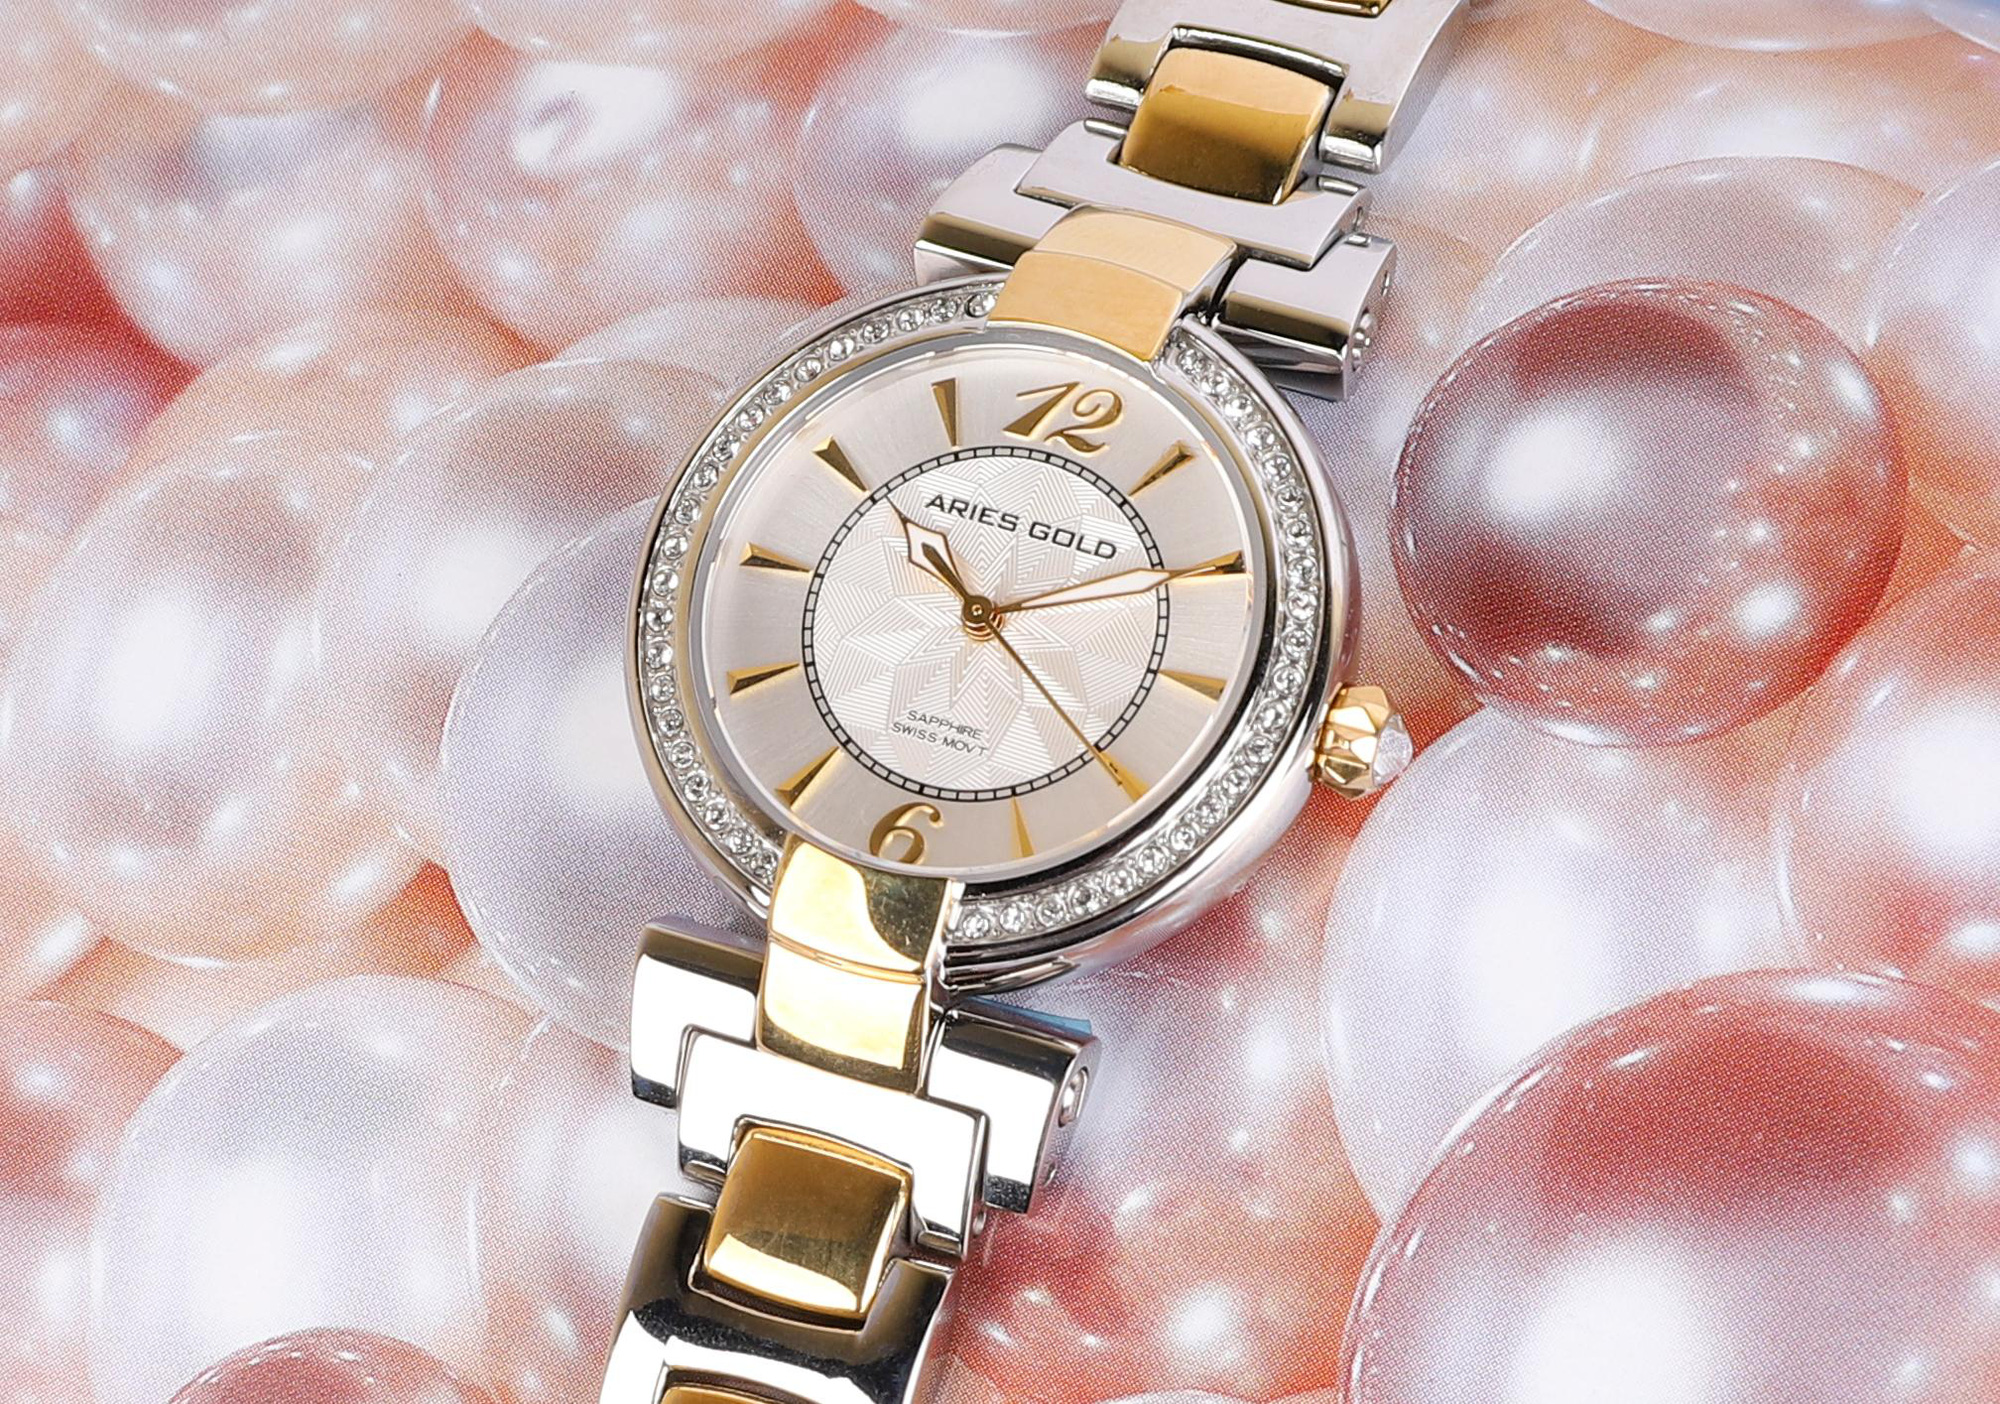 Sành điệu mùa lễ hội với đồng hồ, kính mắt chính hãng ưu đãi lên đến 50% tại Đăng Quang Watch - Ảnh 4.